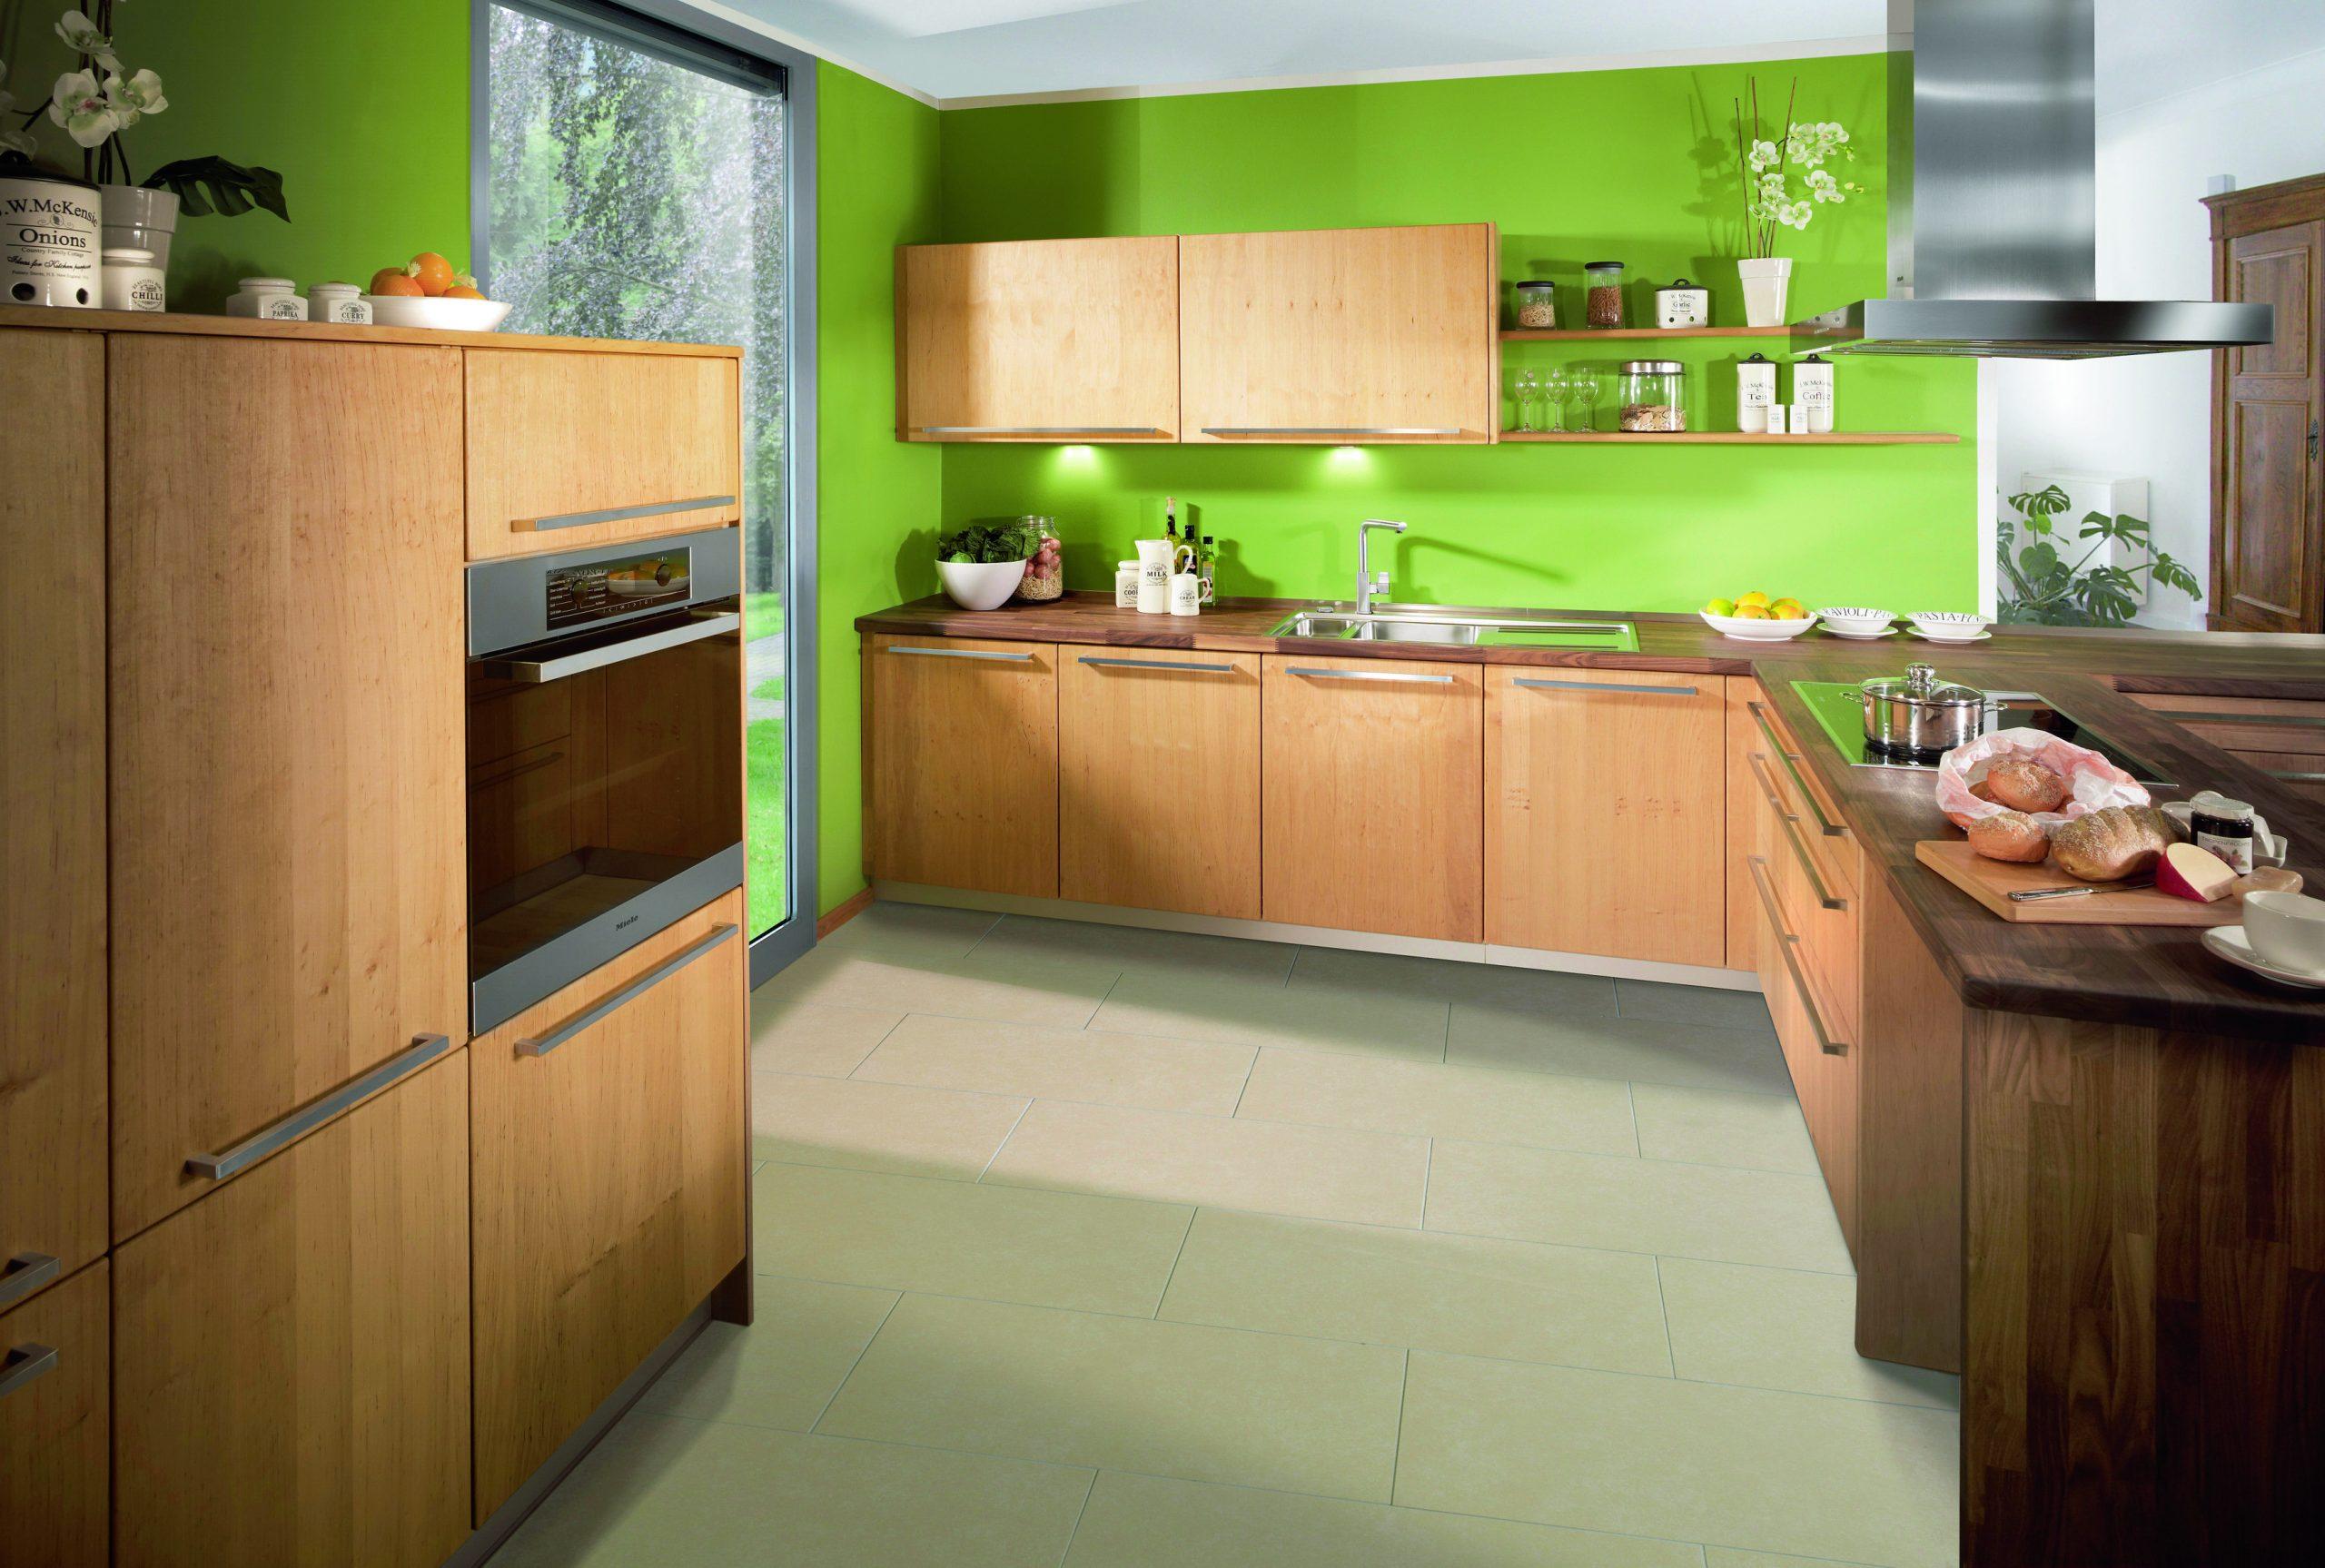 Full Size of Holzküche Streichen Welche Farbe Hape Wanju Holzküche Baby One Holzküche Holzküche Restaurieren Küche Holzküche